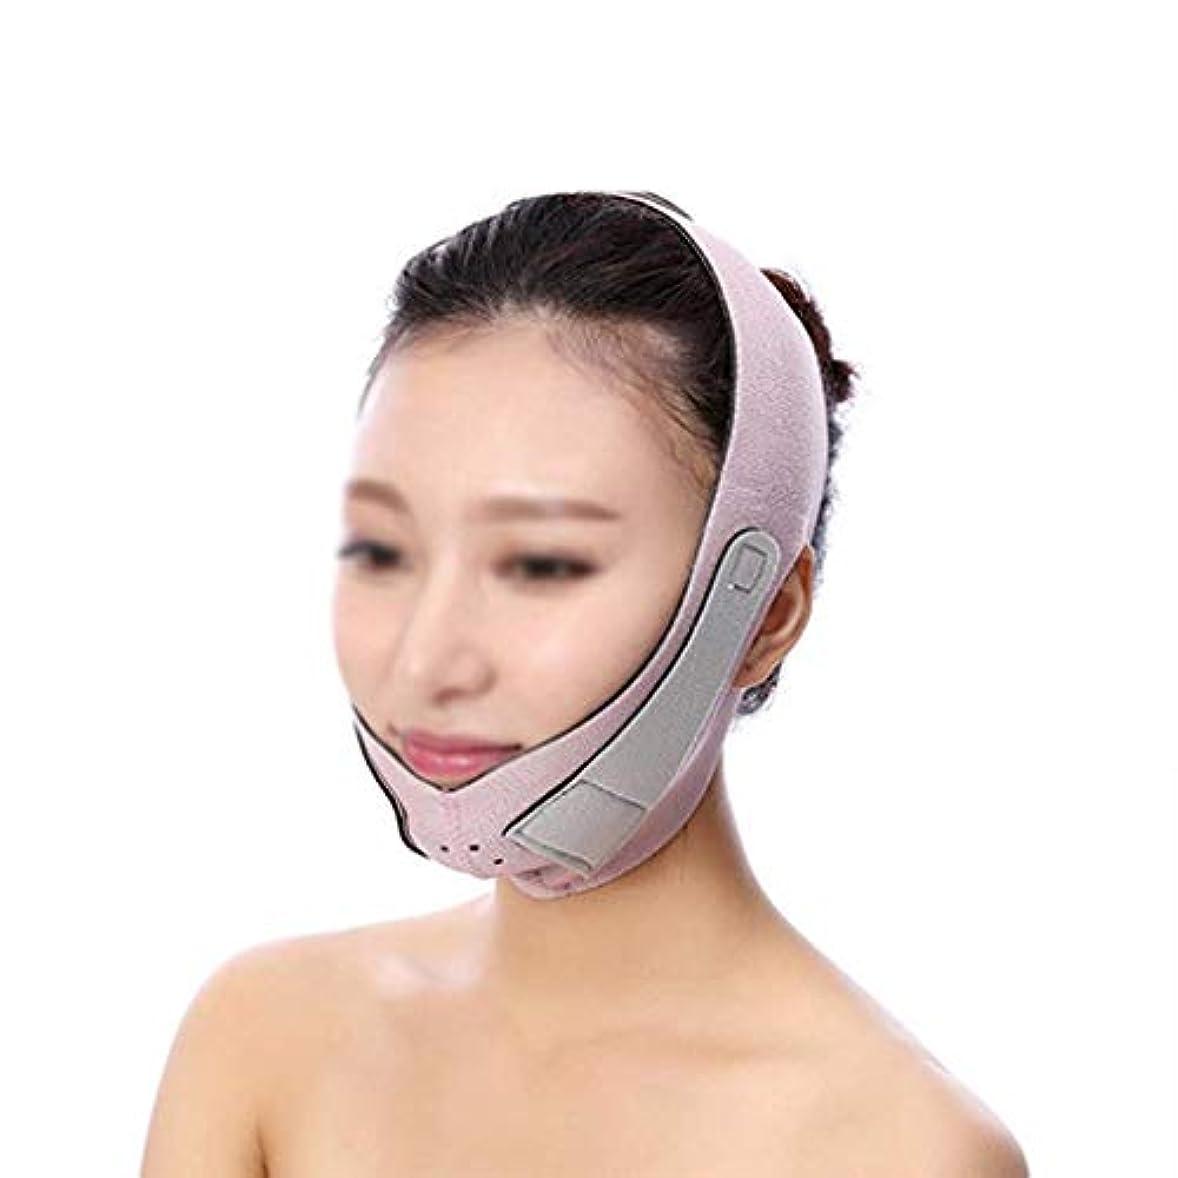 安西計算可能スポンサー薄型フェイスマスク、フェイスリフティングに最適、フェイスバンドを持ち上げてスキン包帯を引き締める、チークチンリフティング、スキン包帯を引き締める(フリーサイズ)(カラー:オレンジ),紫の